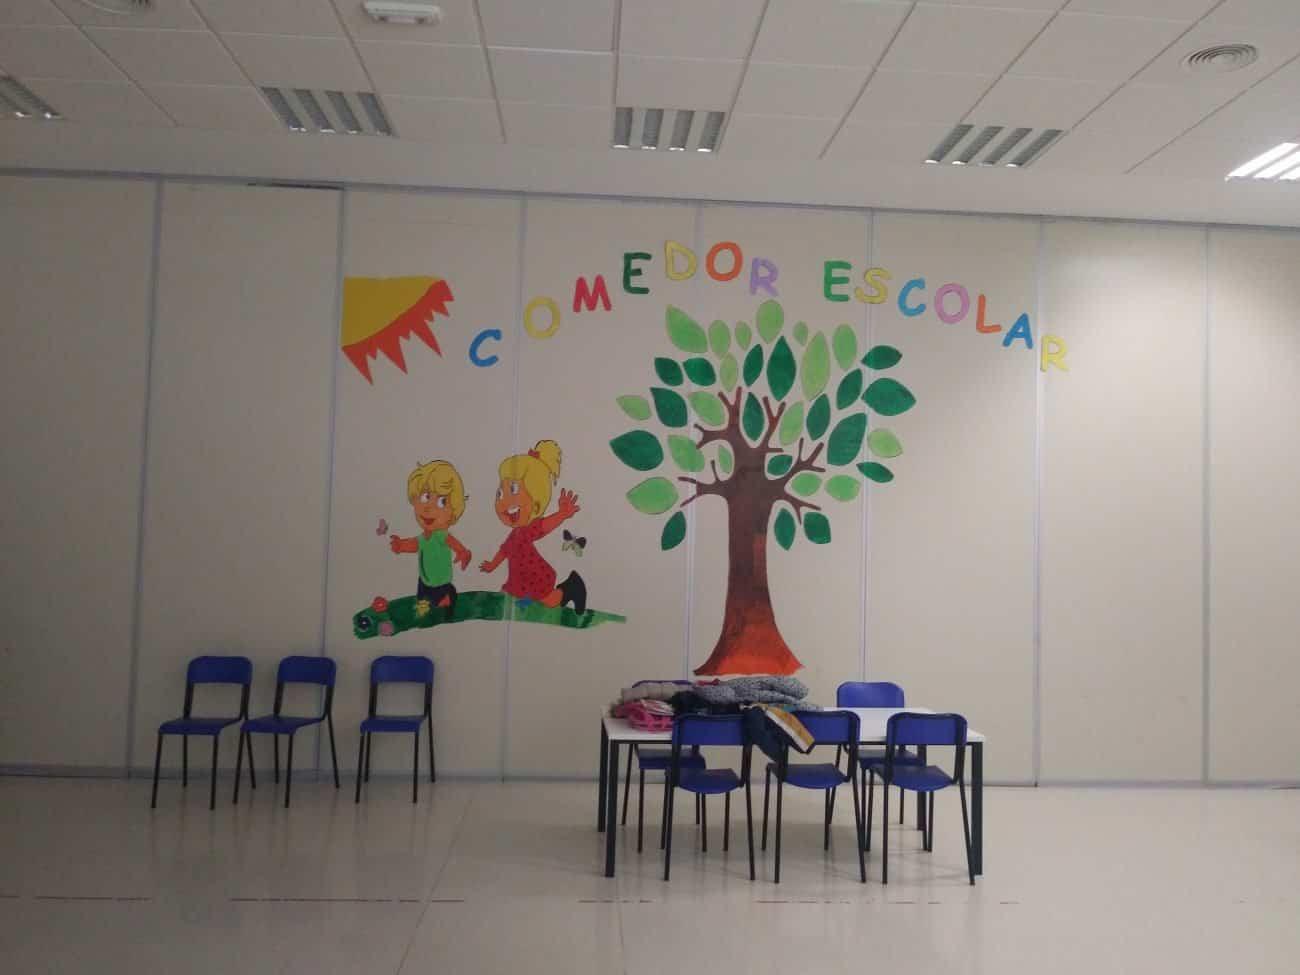 Comedor escolar 1300x975 1 - El servicio de comedor escolar estará disponible gracias a la colaboración entre Ayuntamiento y Consejería de Educación